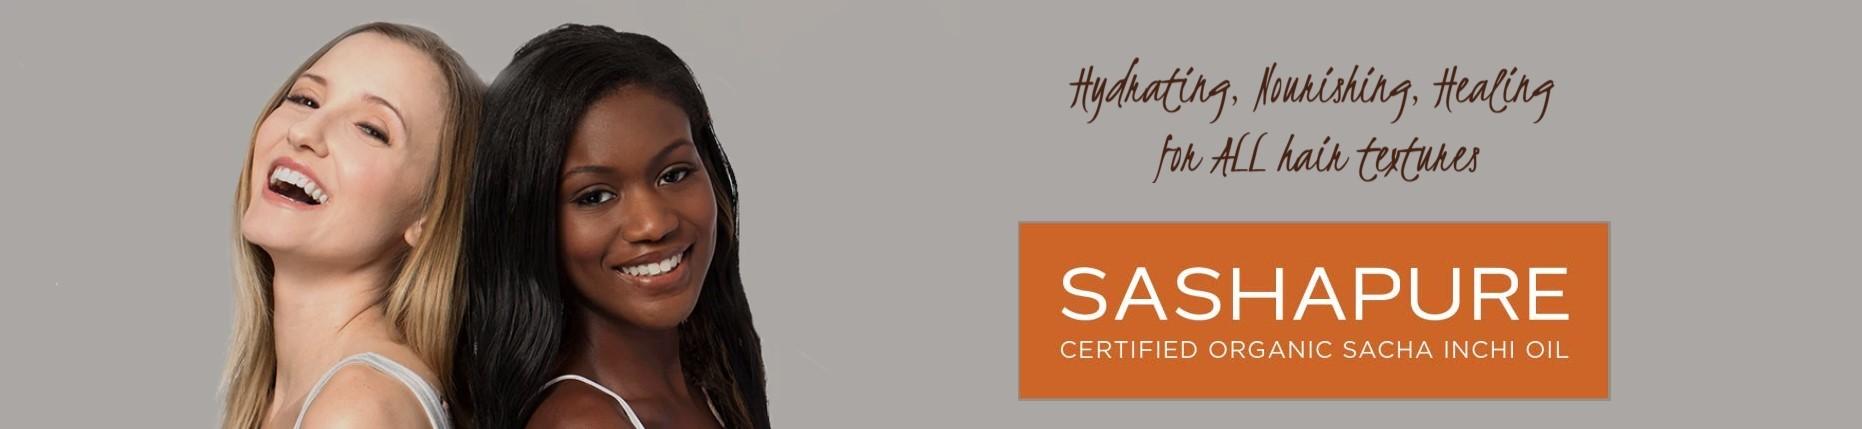 sashapure haarproducten voor natural haar